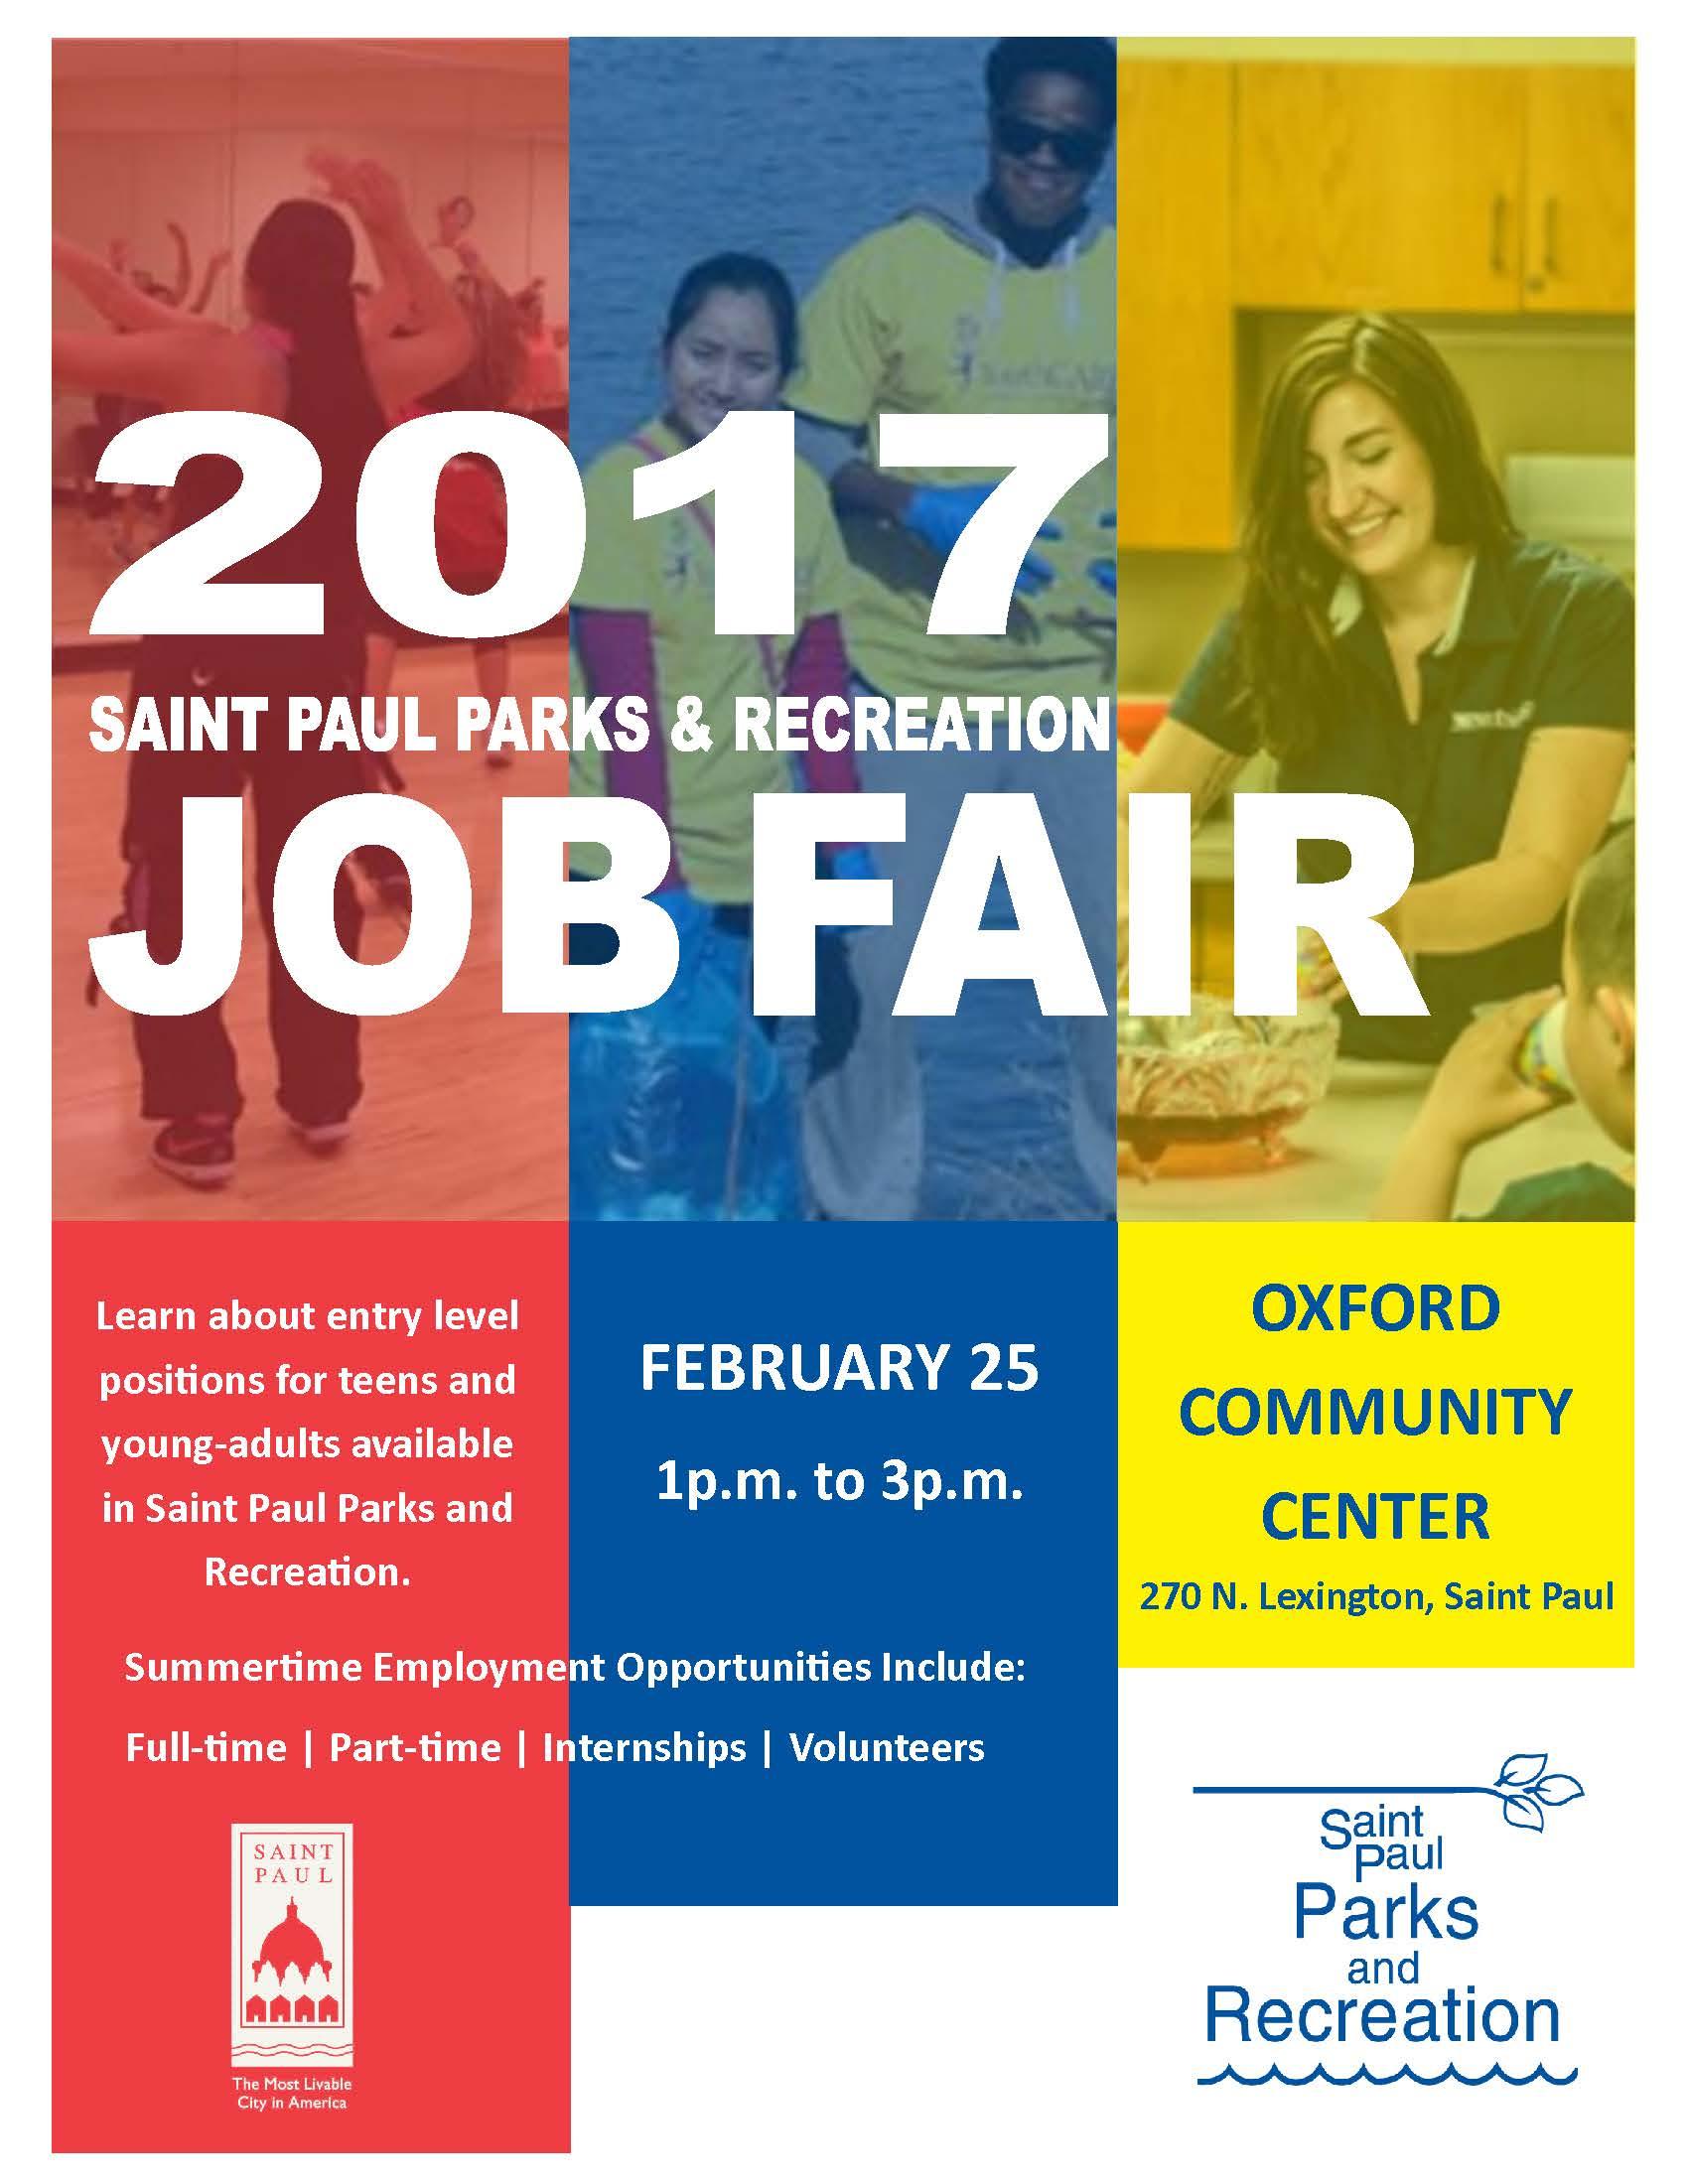 Saint Paul Parks and Recreation 2017 Job Fair